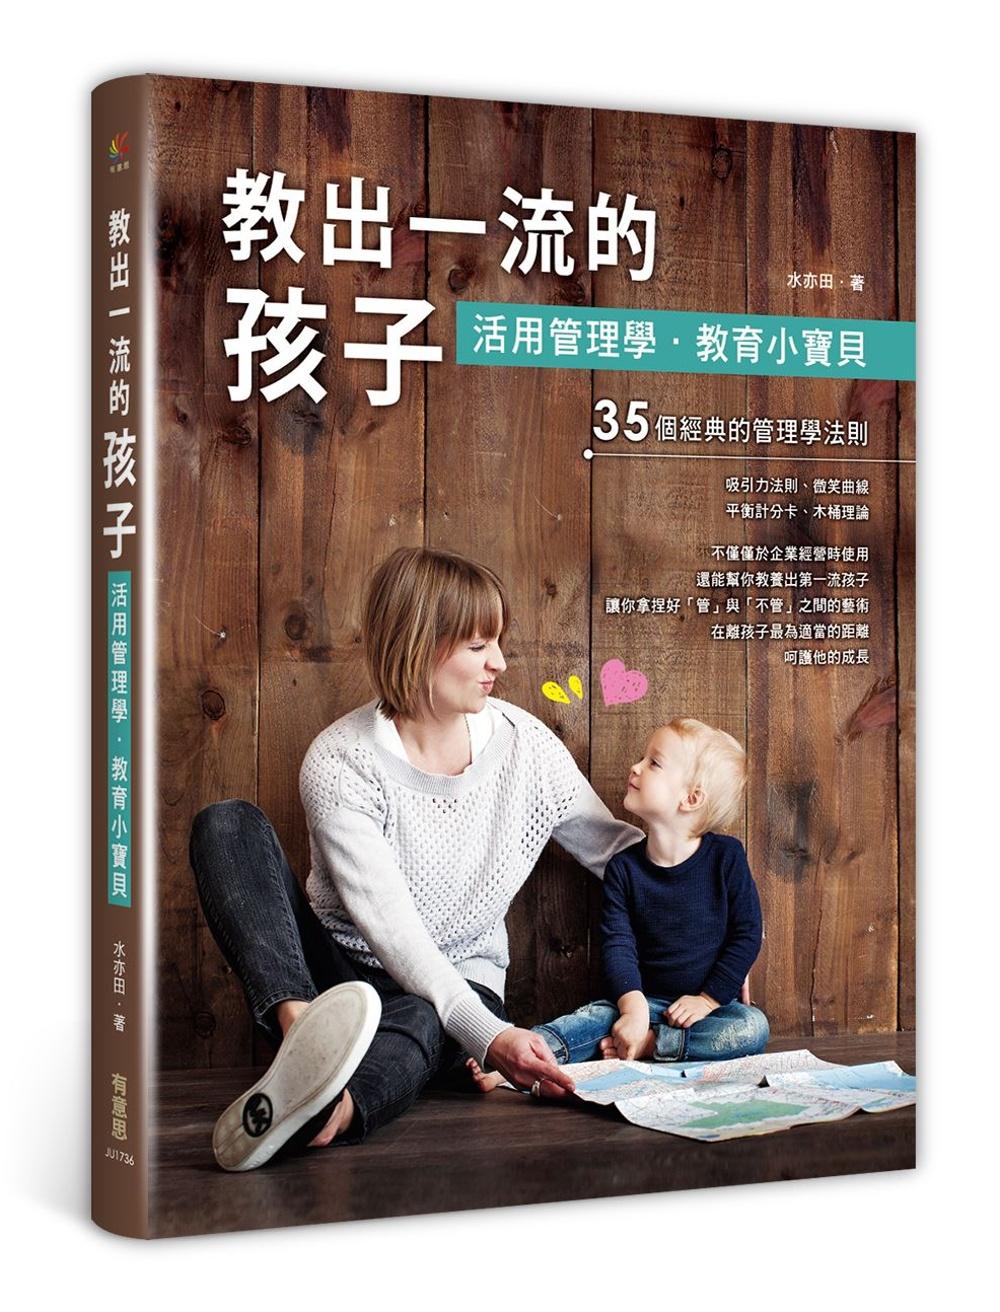 教出一流的孩子:活用管理學教育小寶貝